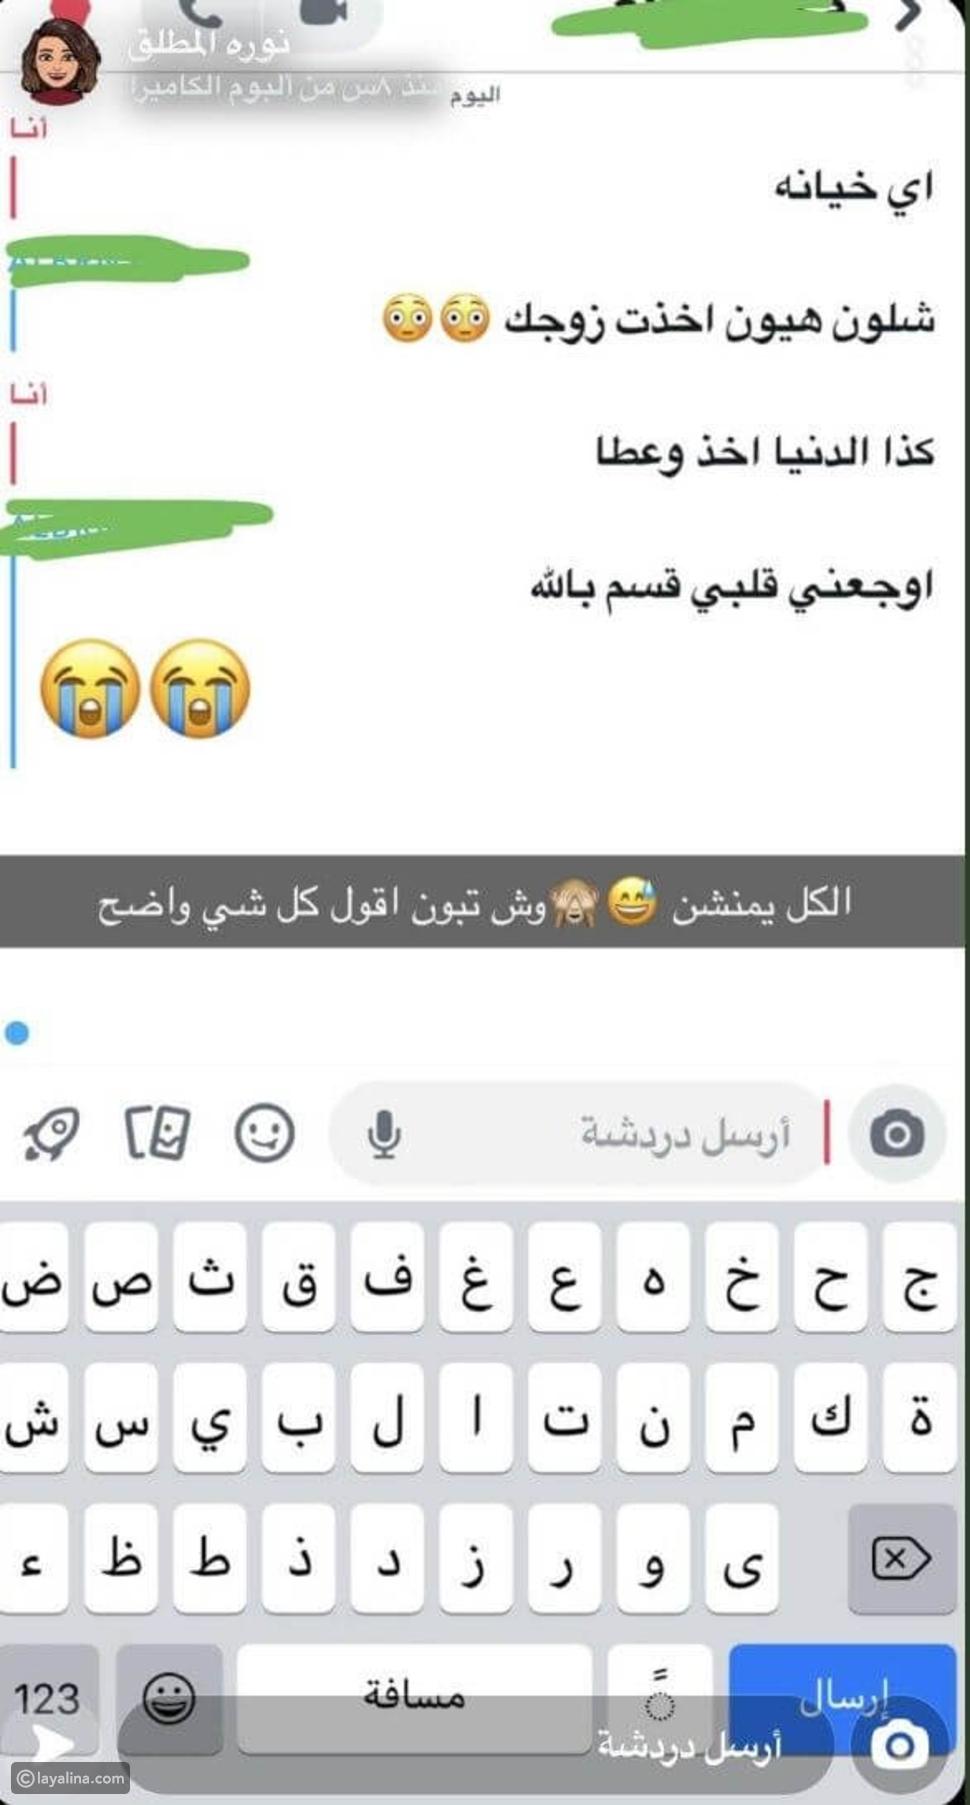 زوجة عبد العزيز البجادي تتهم هيون الغماس